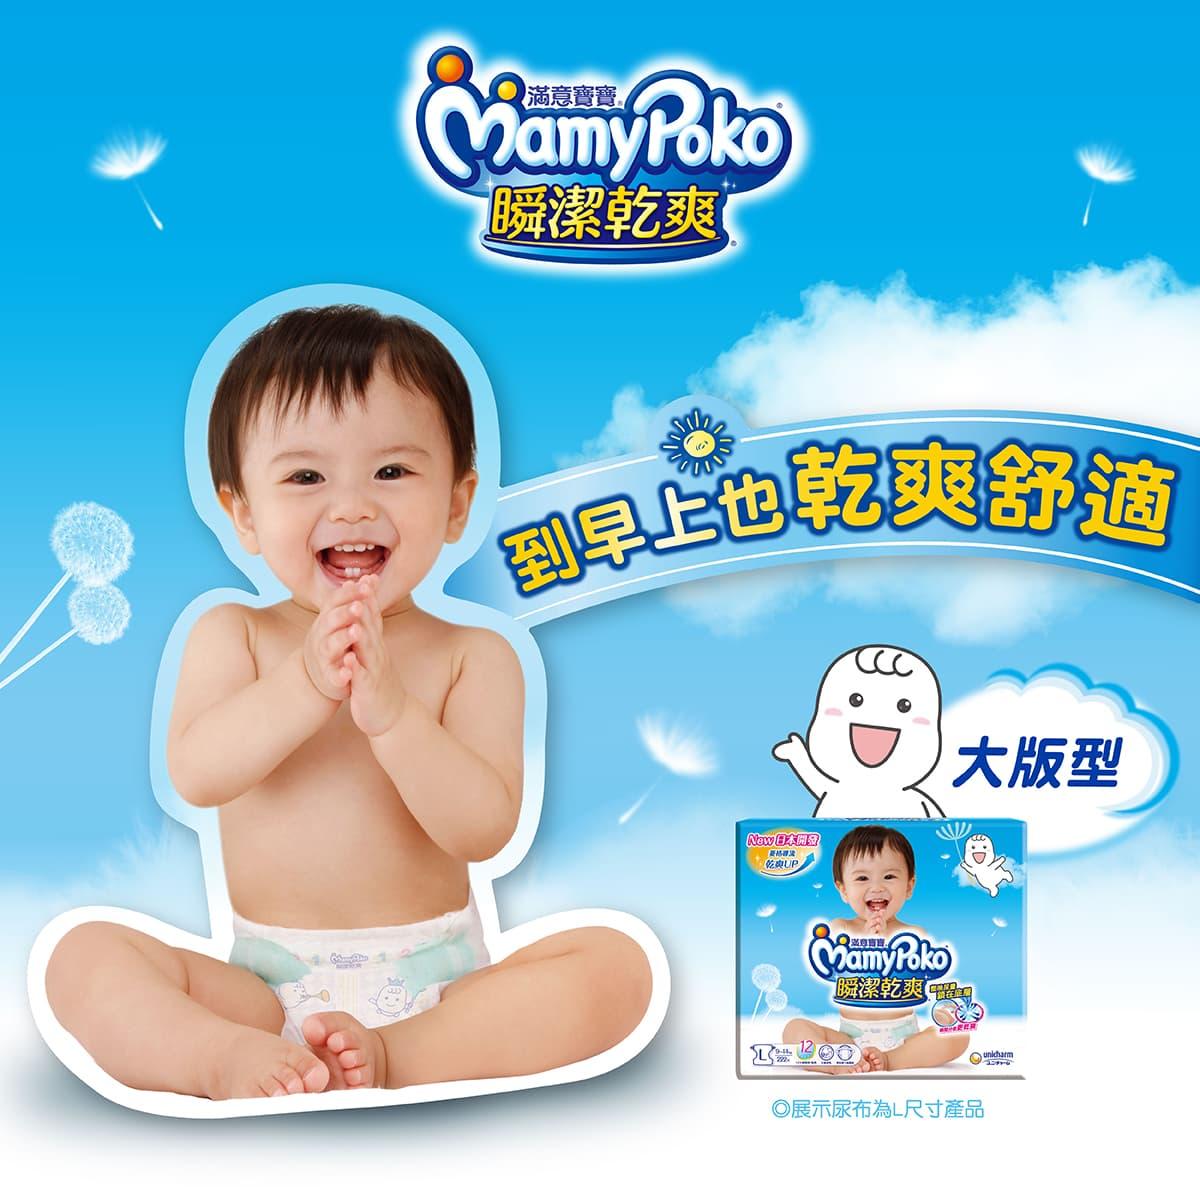 日本滿意寶寶瞬潔乾爽尿布,有12小時吸收安心及3D呼吸透氣層,寶寶屁屁到早上也乾爽舒適。